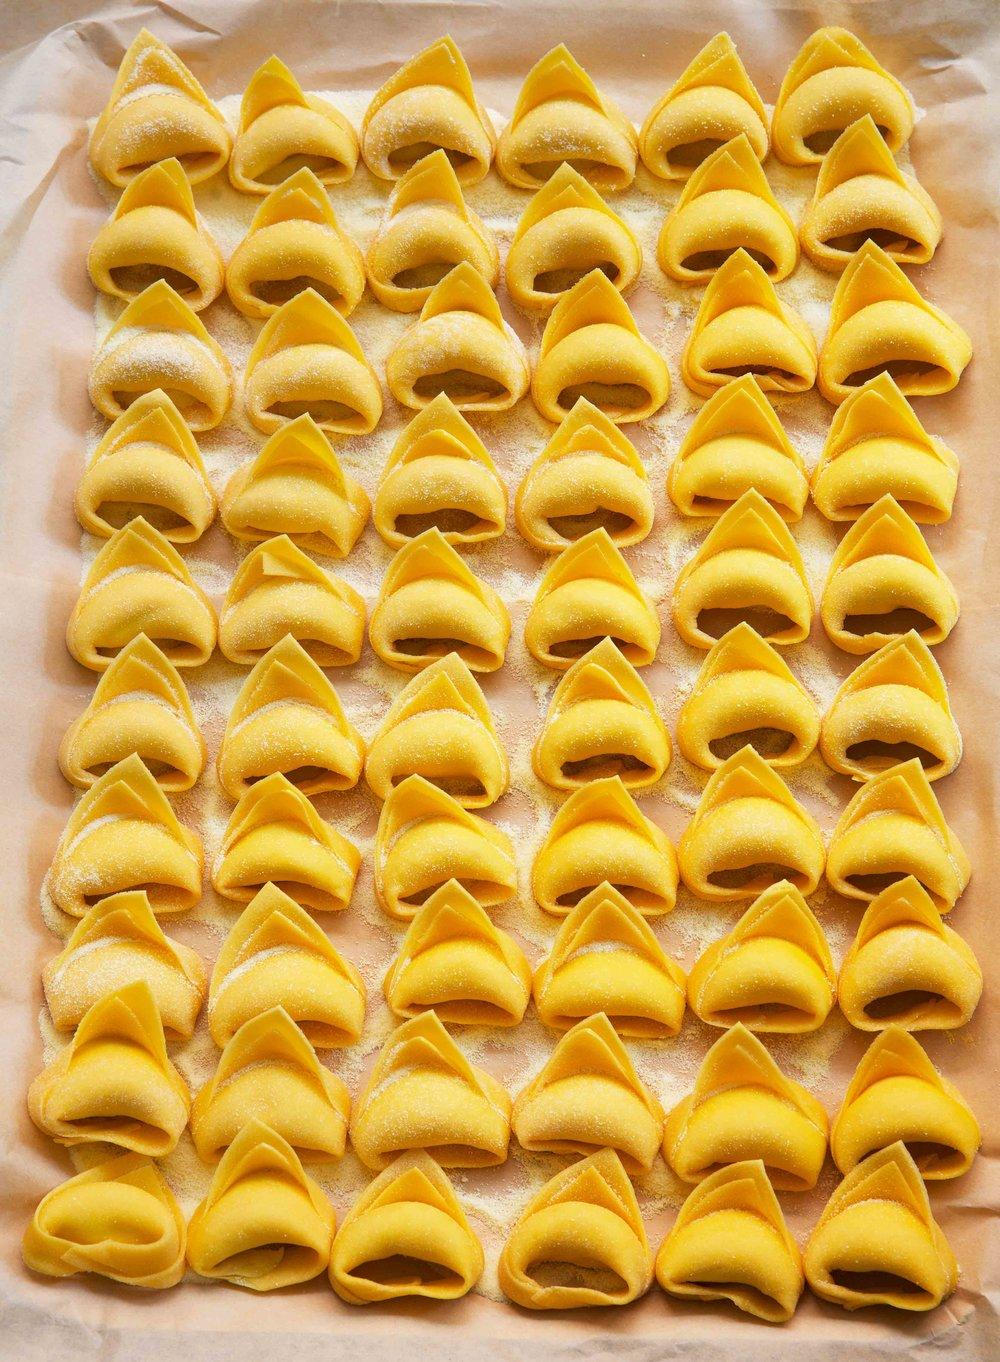 EggAnglottiLinaStores_1940NW.jpg